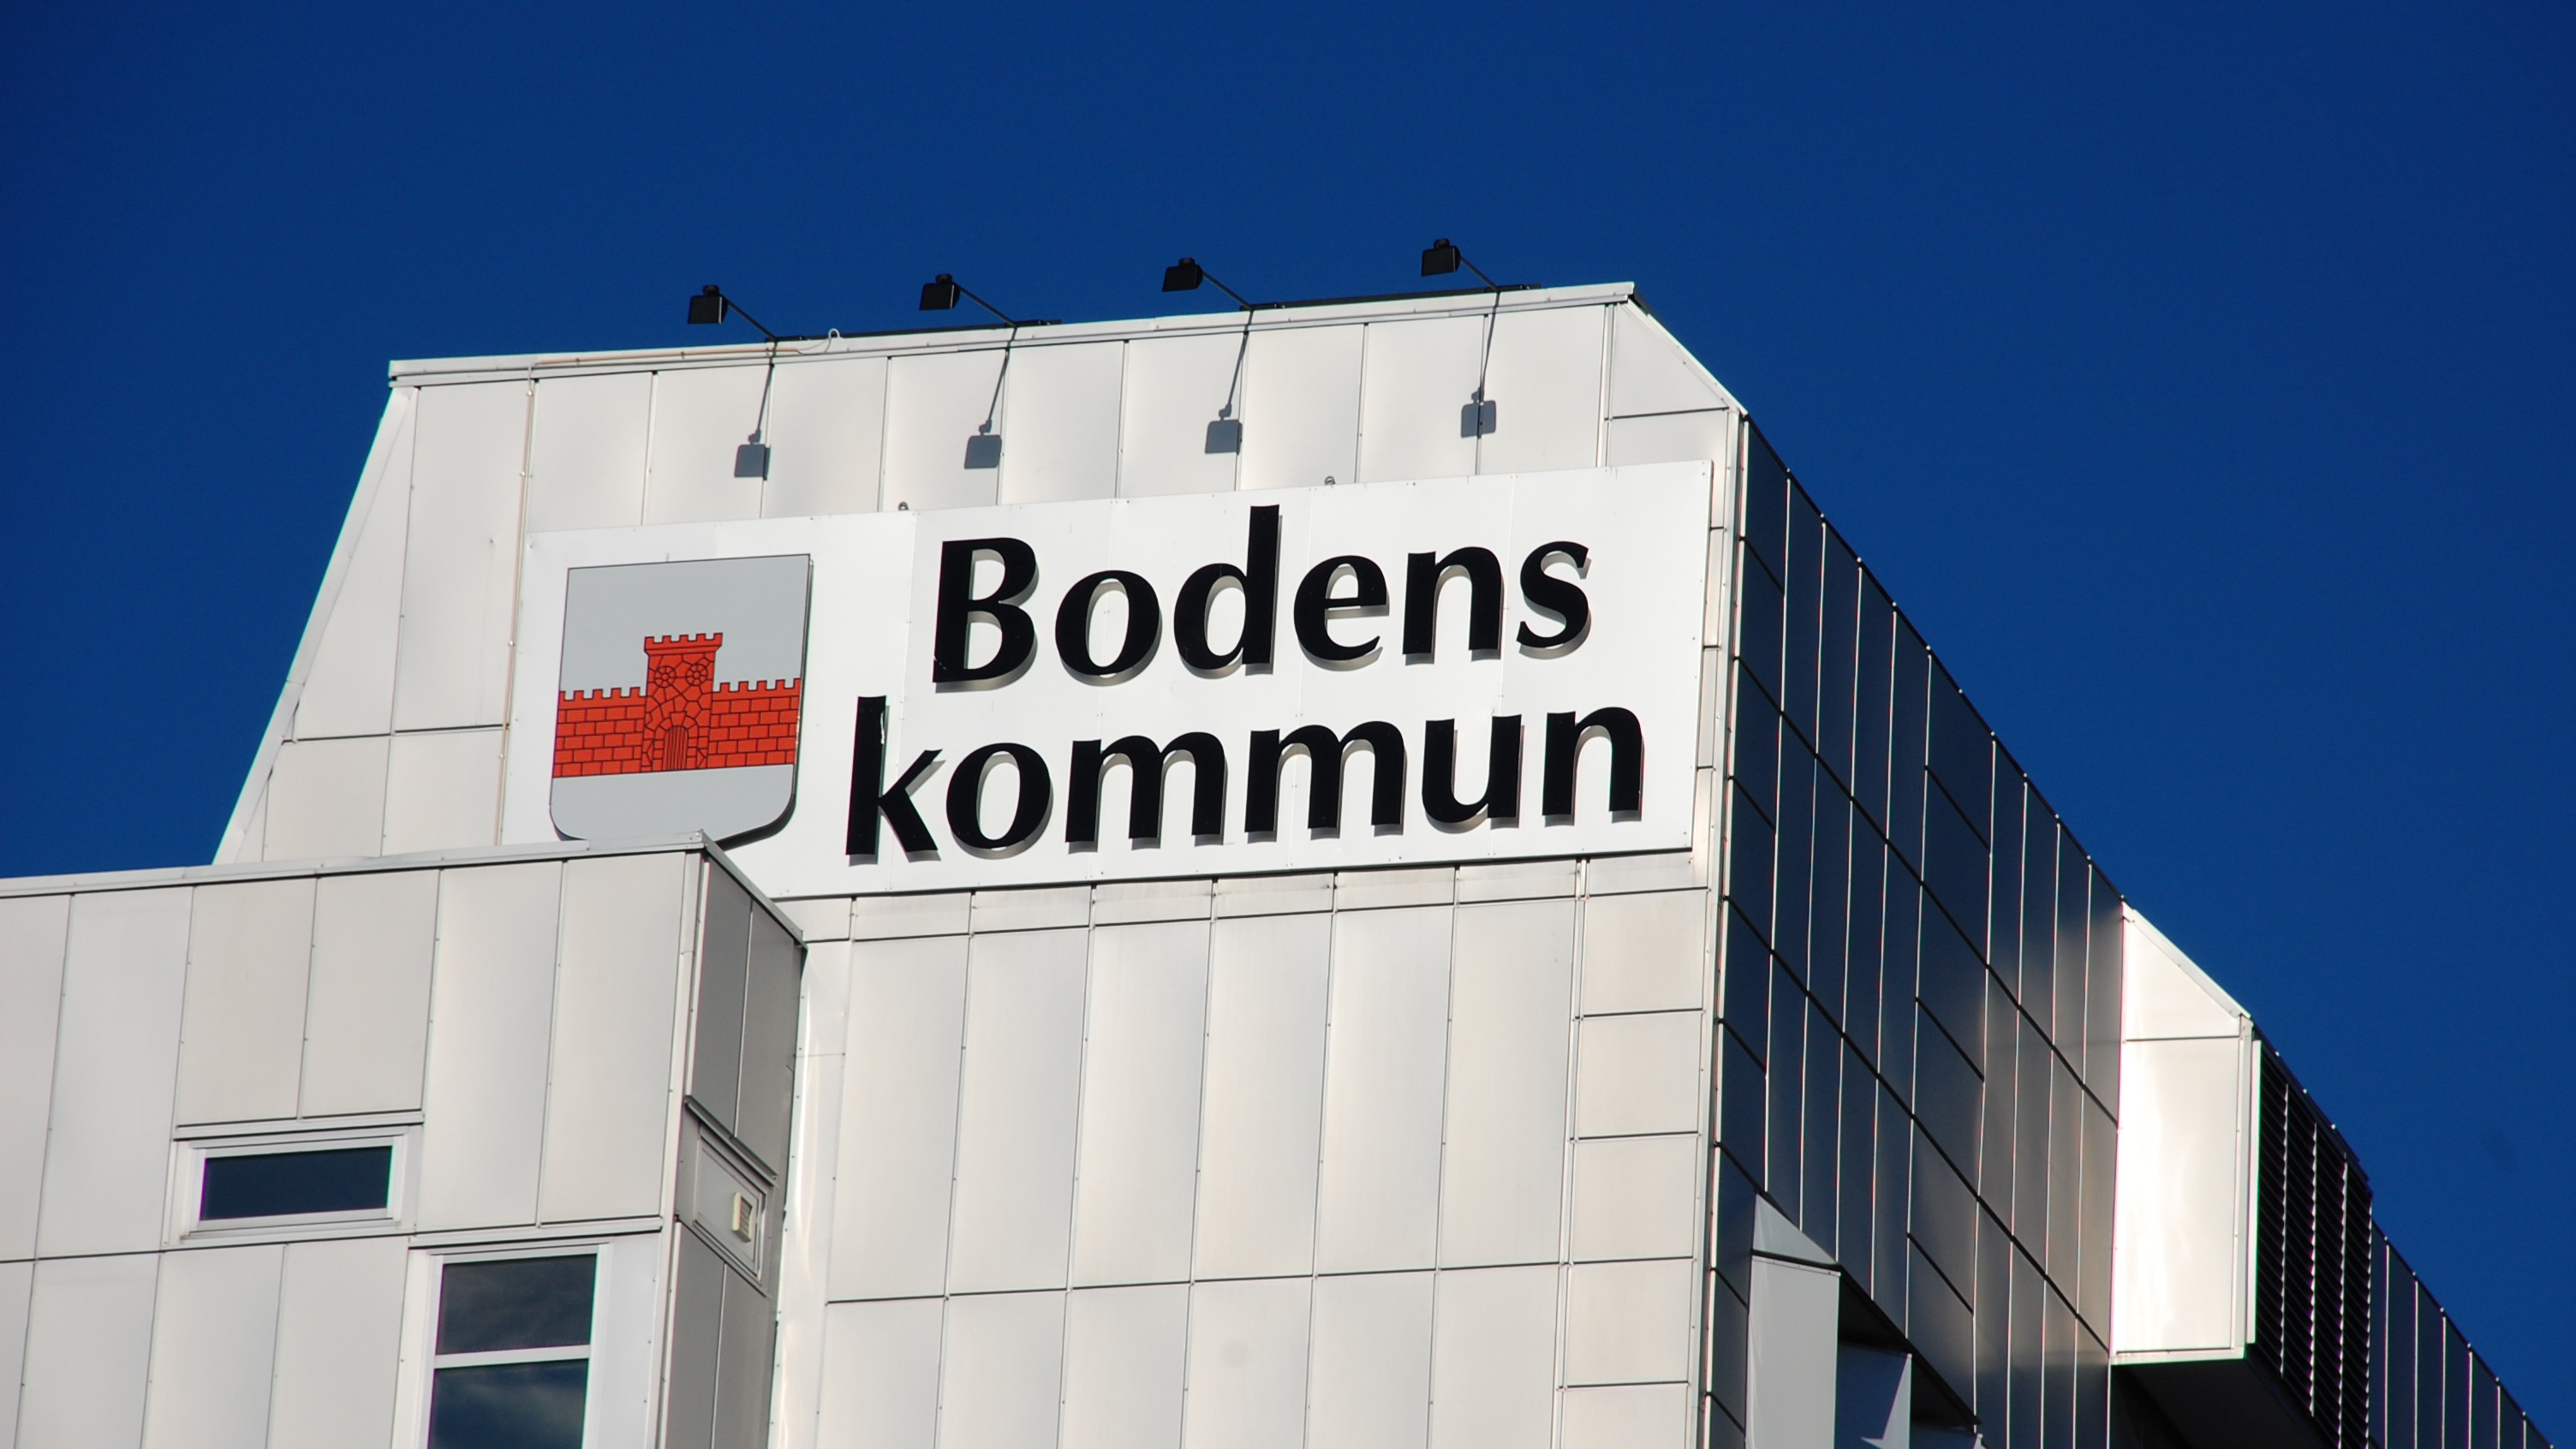 Fasad på stadshuset med Bodens kommunvapen.